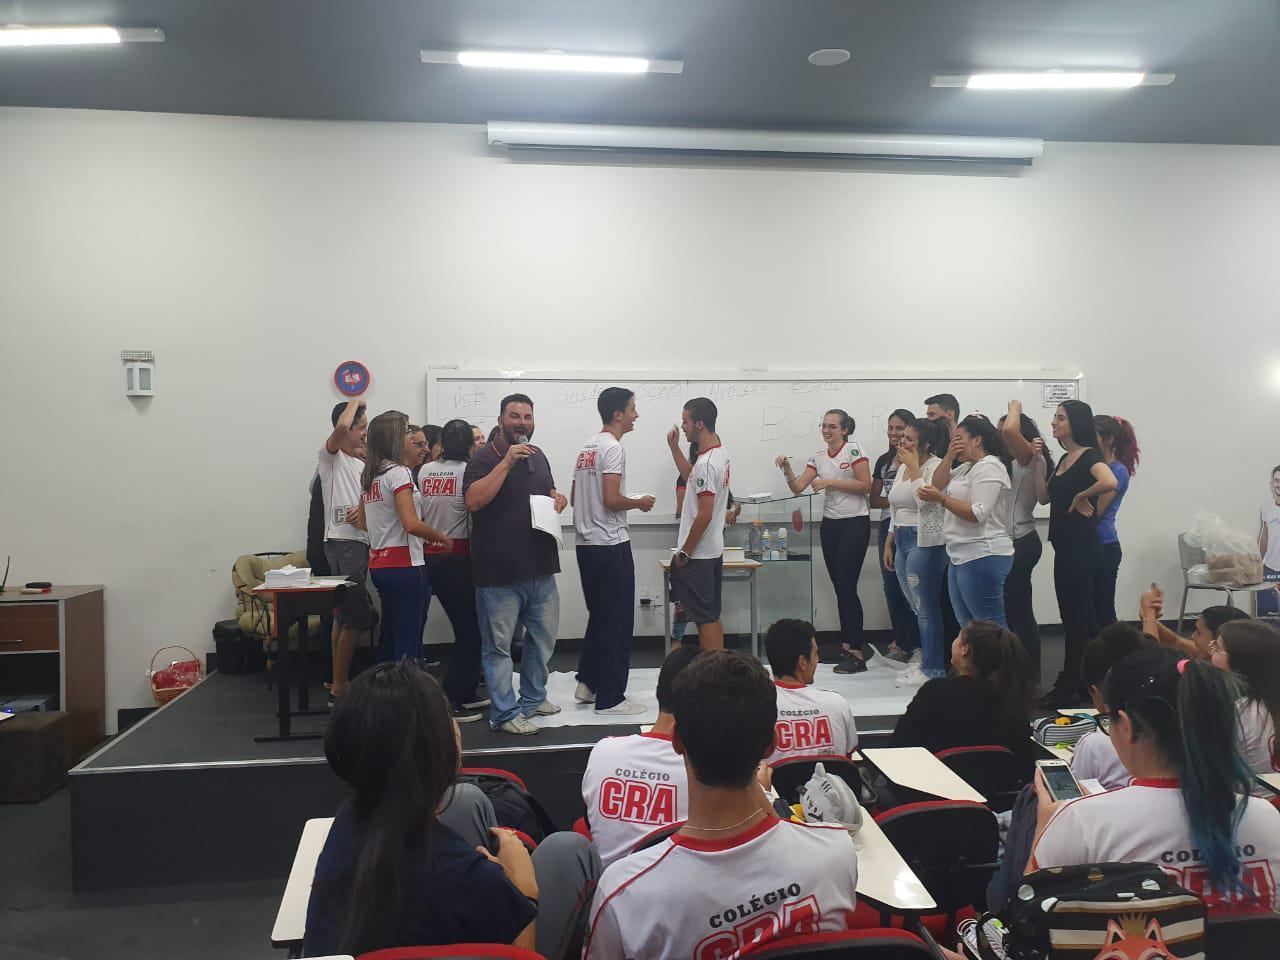 Ensino Médio - Competição entre séries - semana ENEM